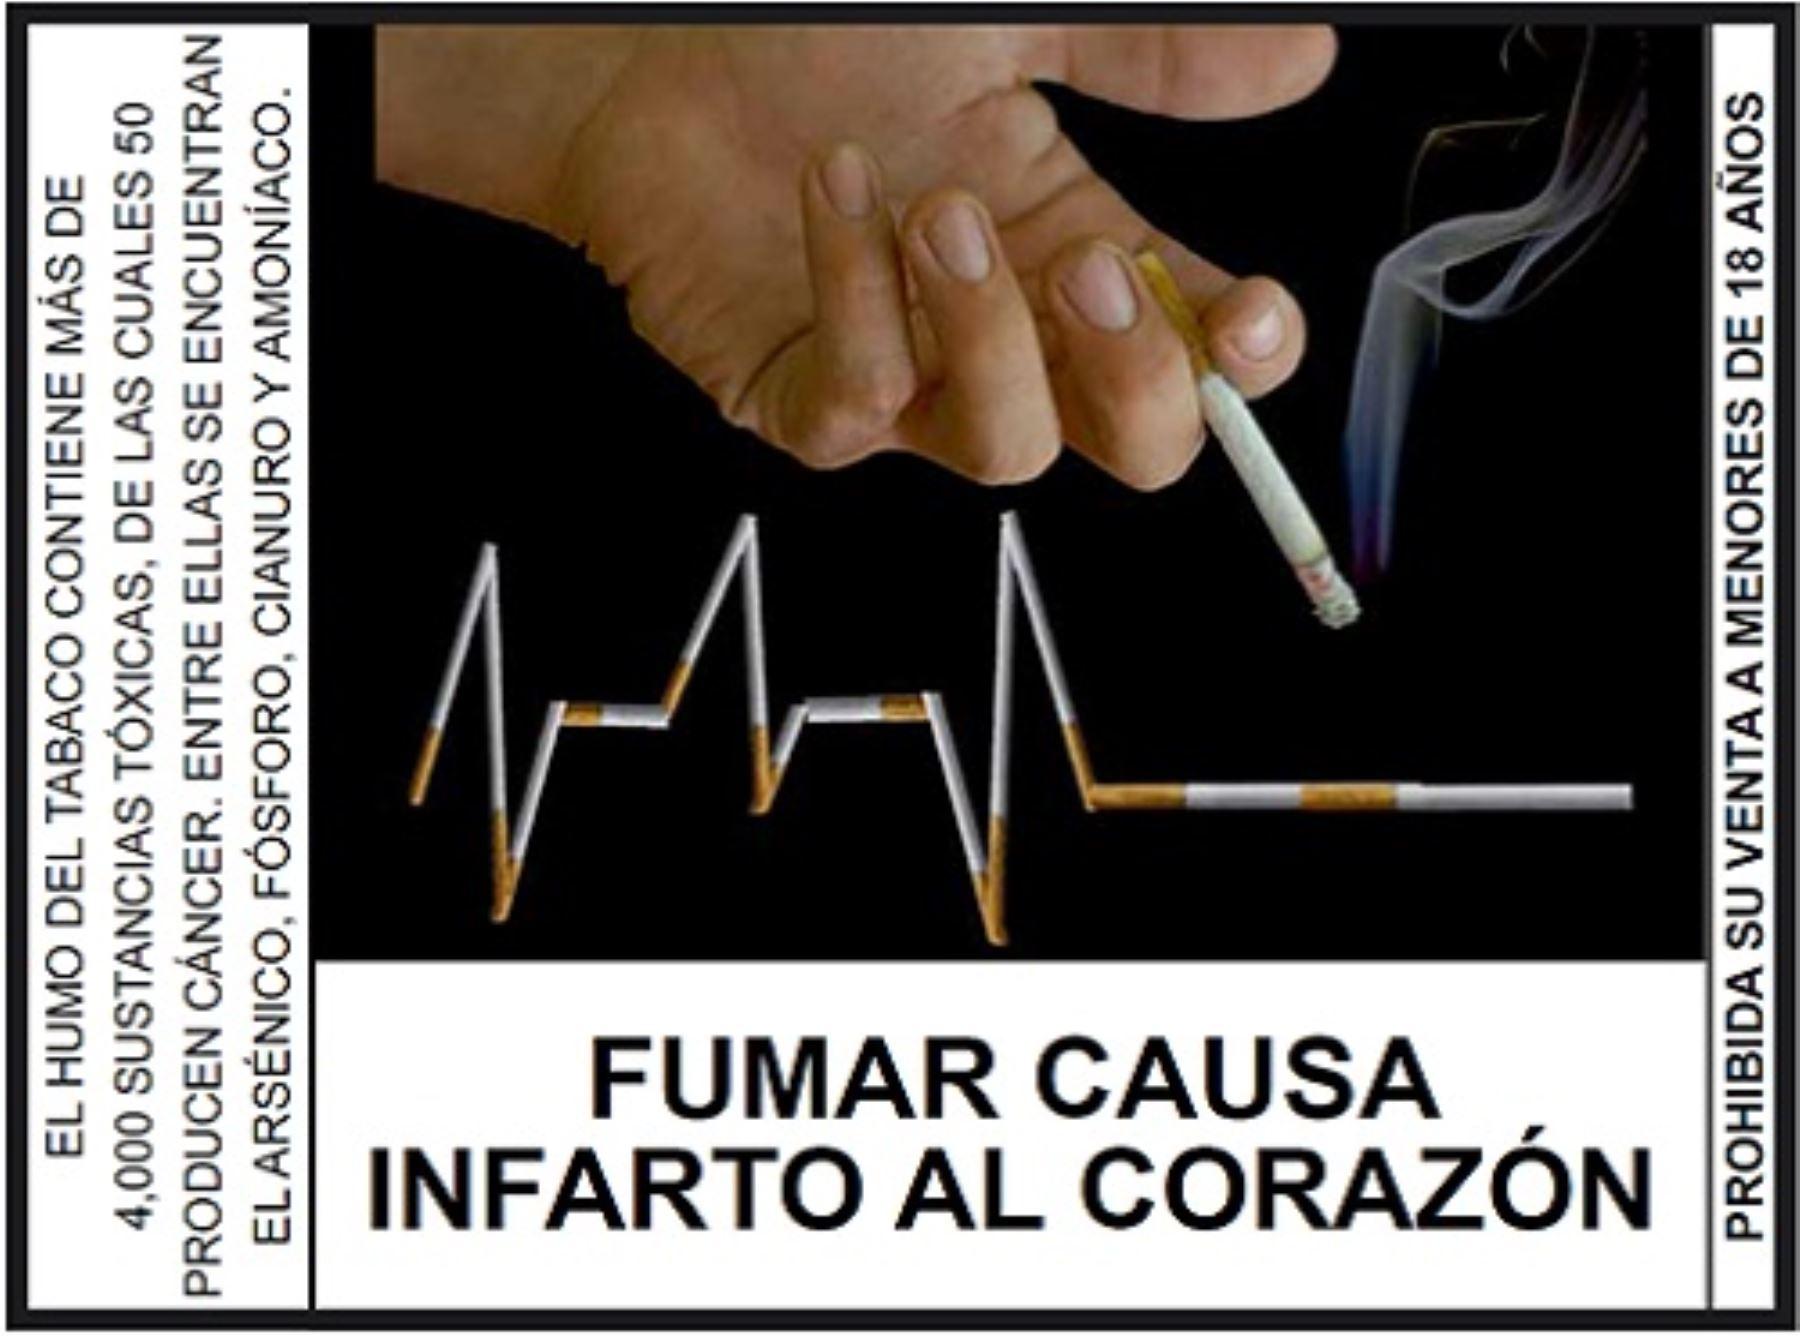 Resultado de imagen para fumar causa infarto